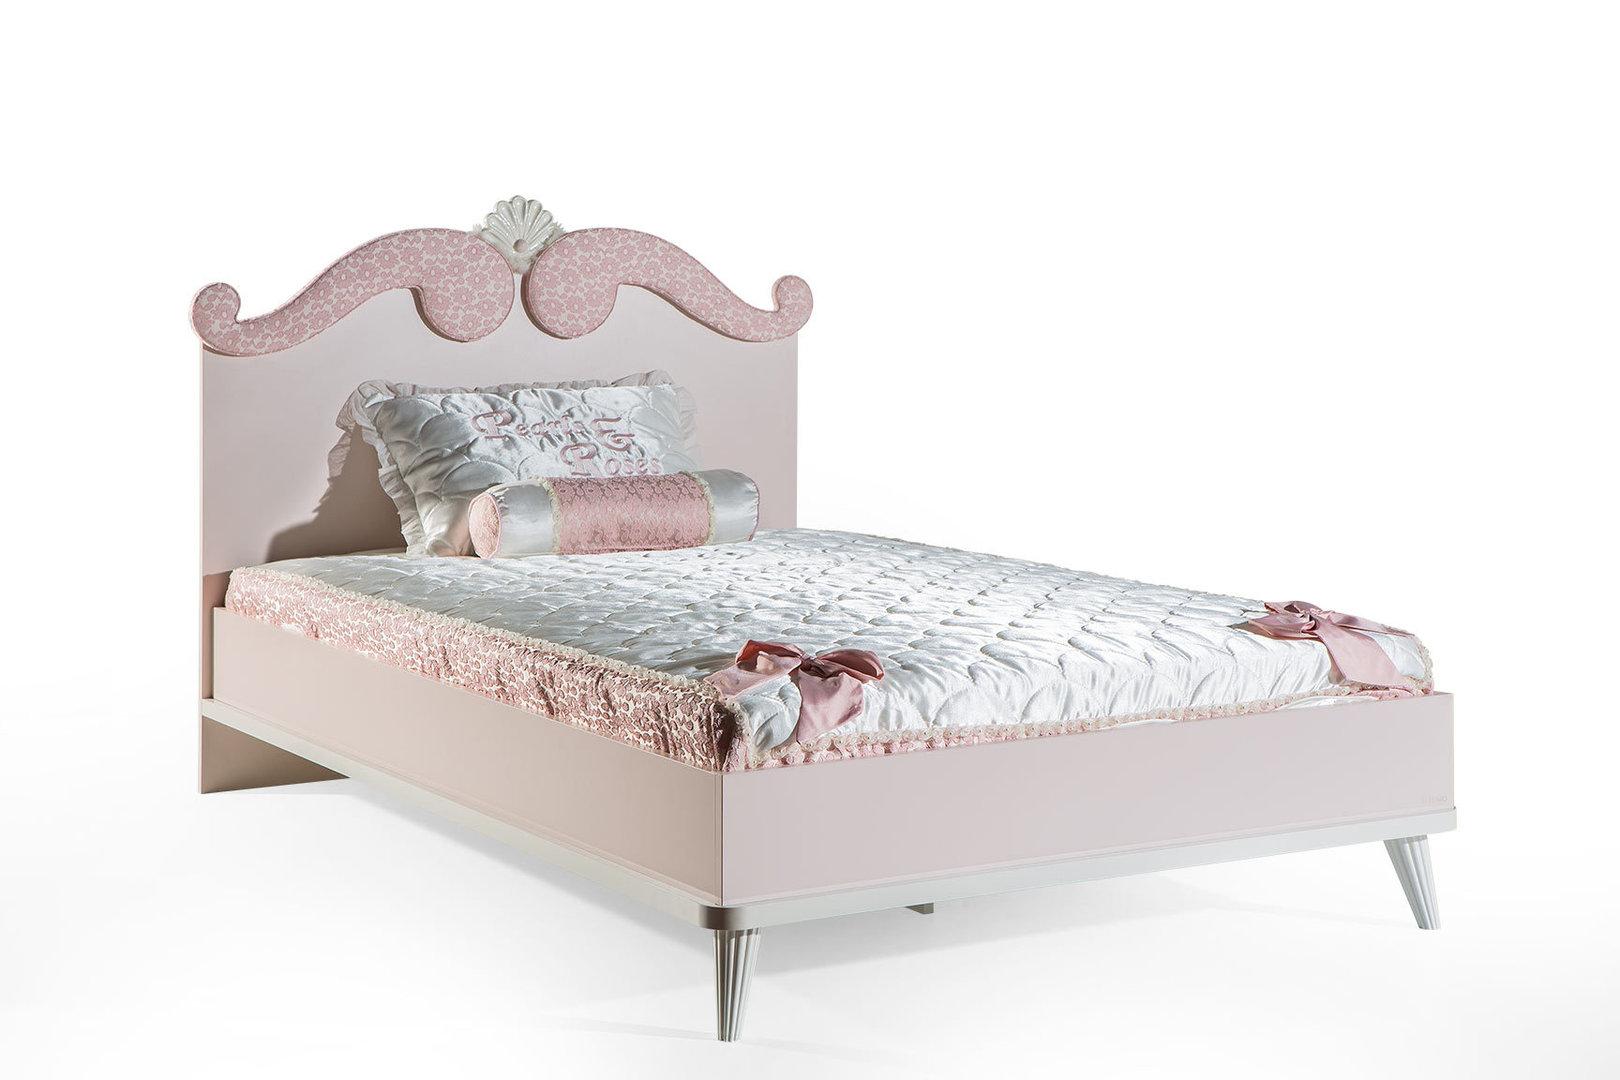 Kinderbett 120x200  byMM Kinderbett rosa in altrosa 120 x 200 frei Haus - Precogs